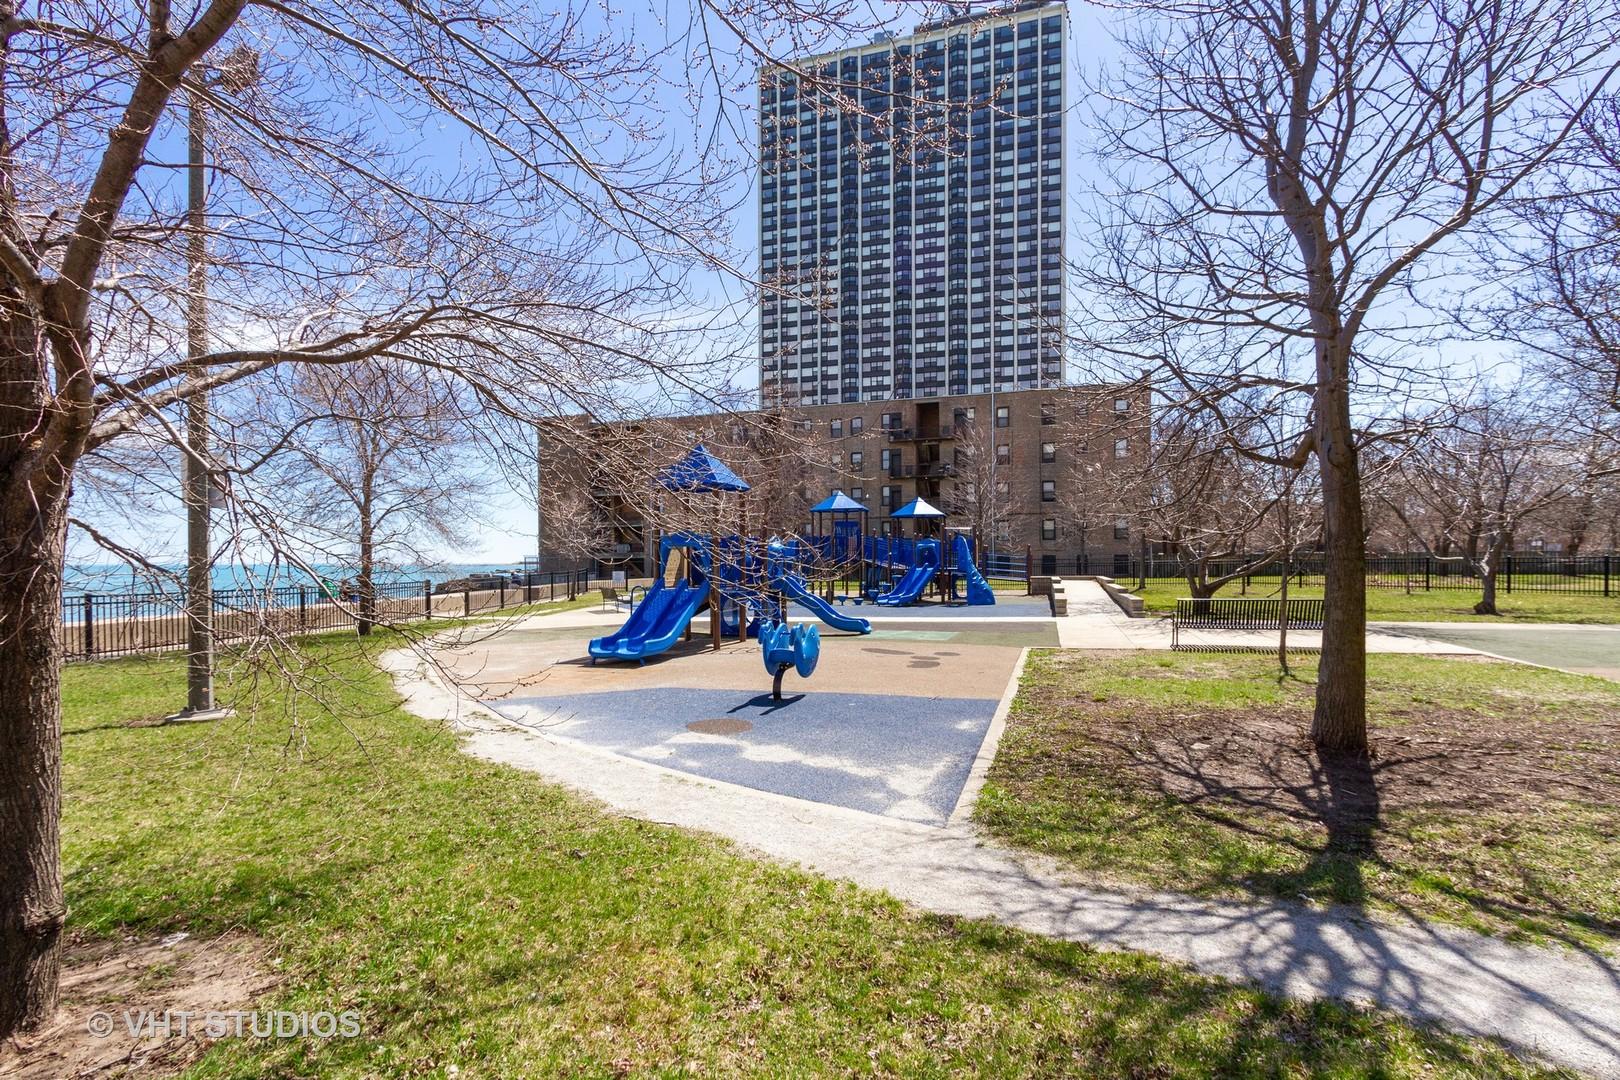 7337 South Shore Unit Unit 1414 ,Chicago, Illinois 60649